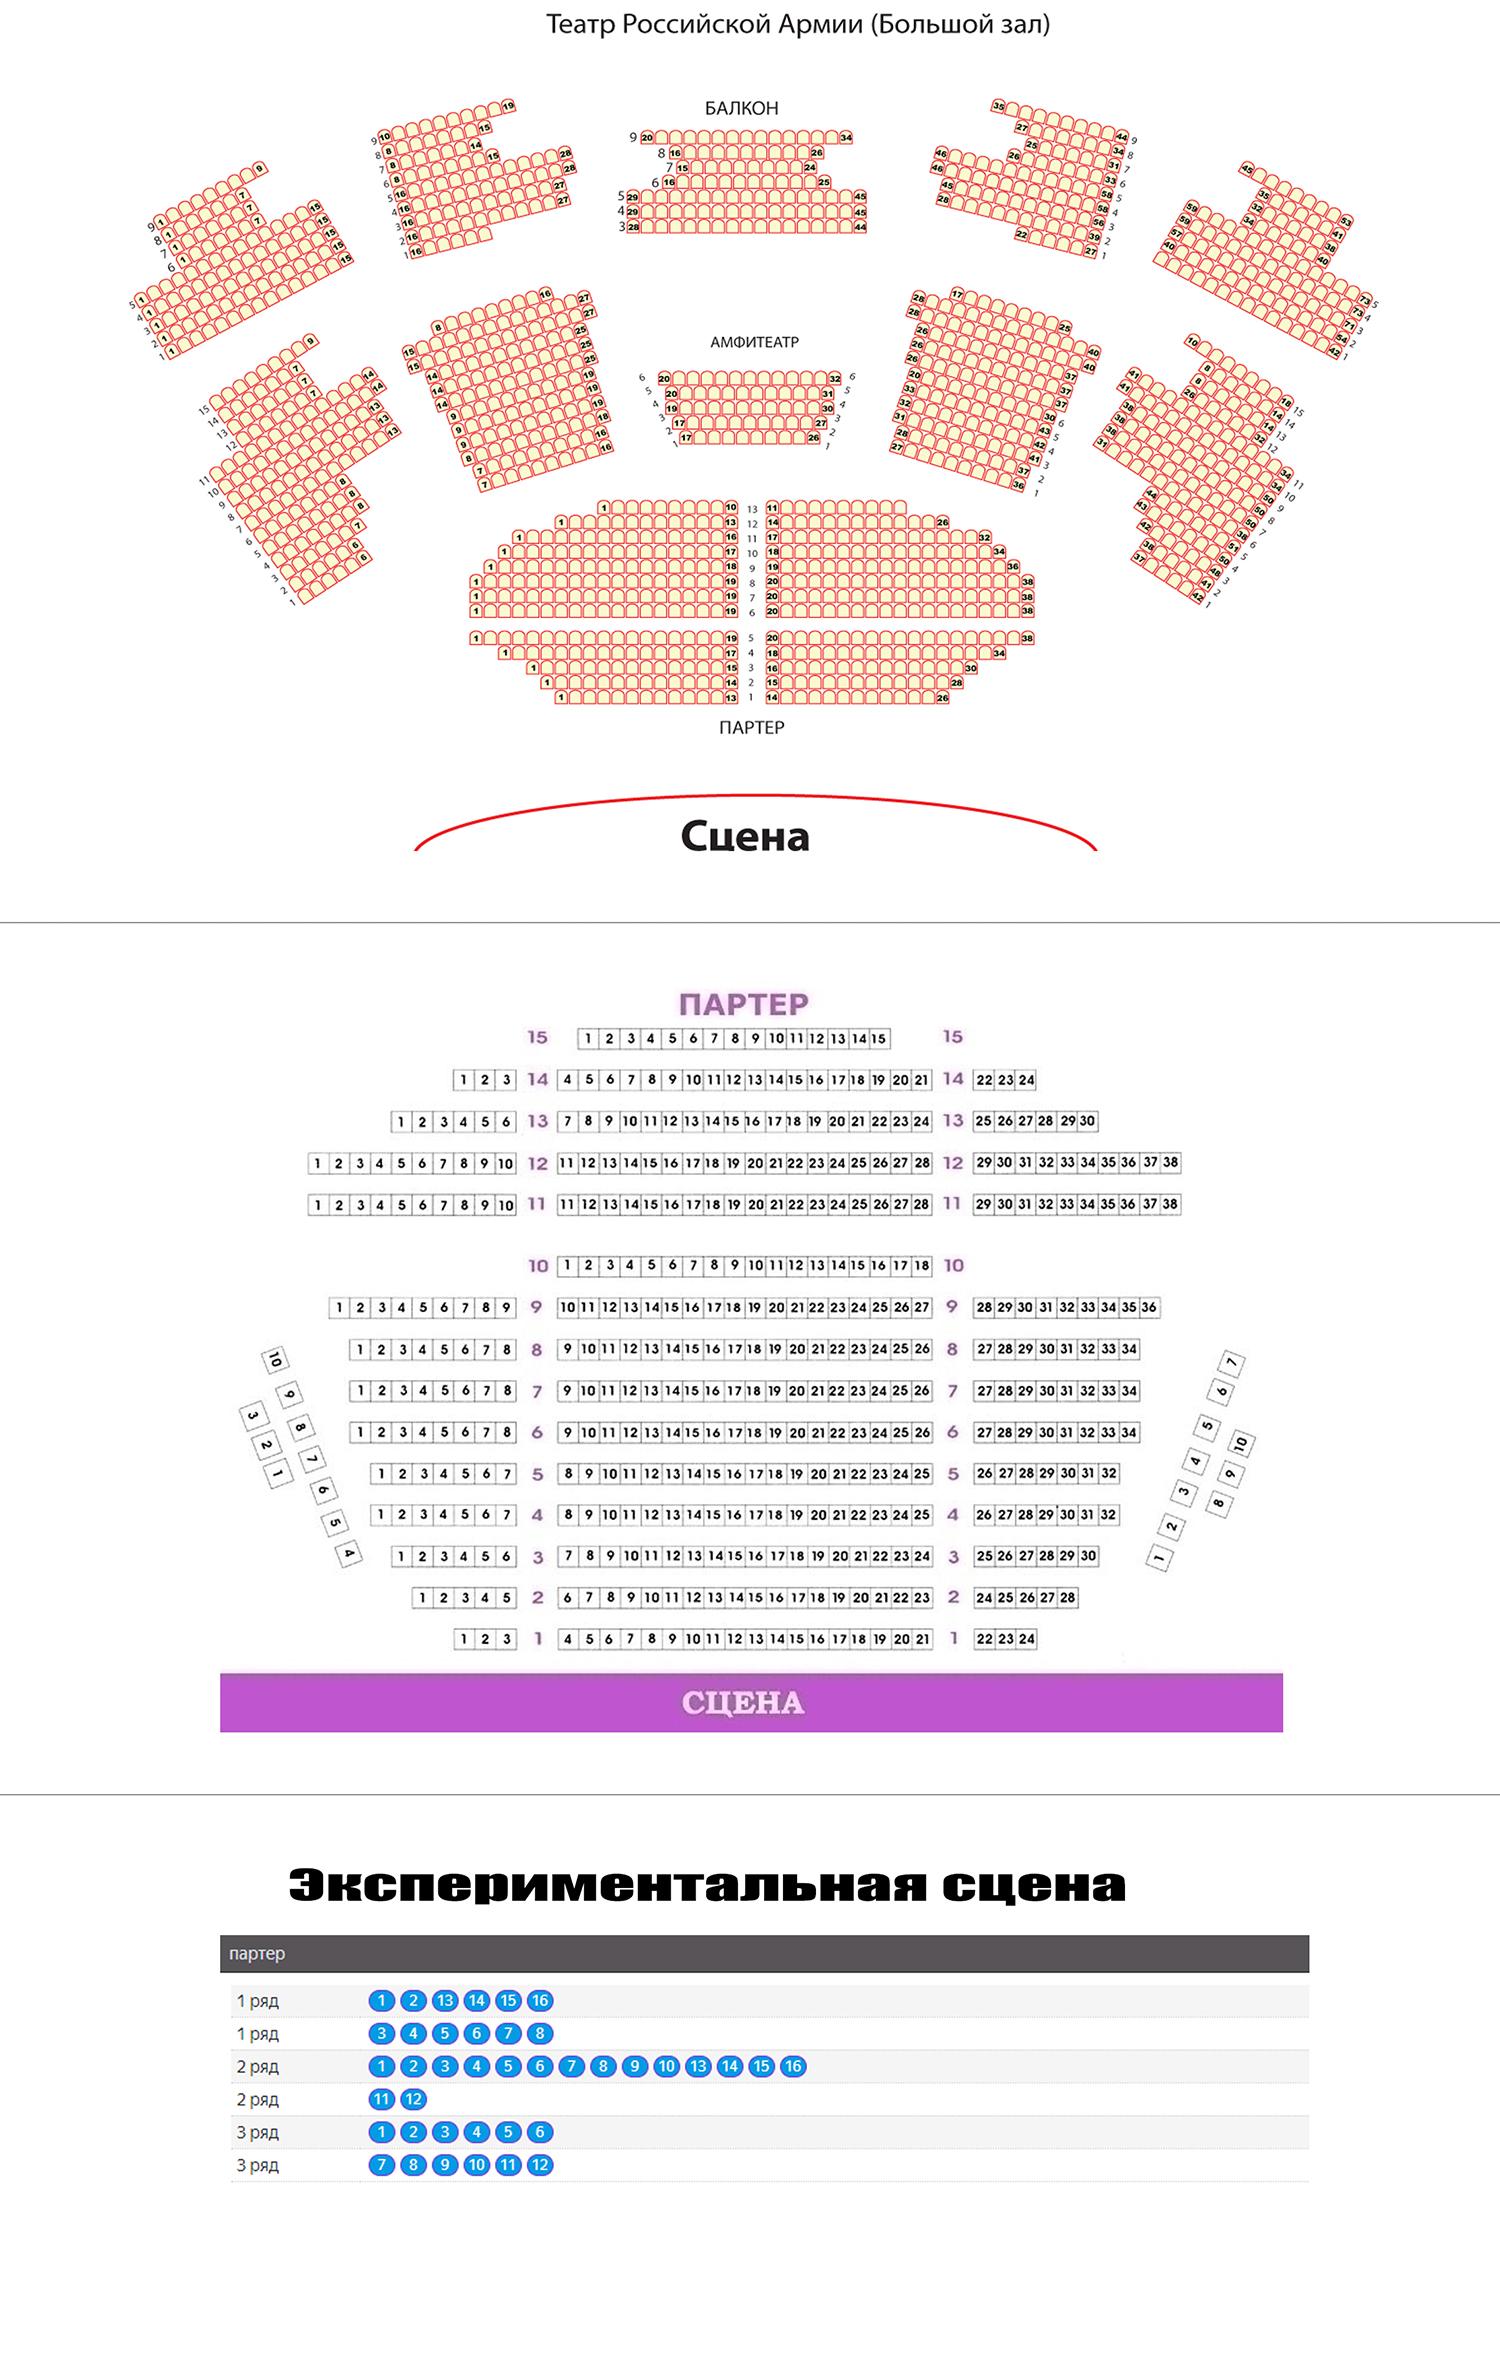 Схема зала Театр Российской Армии